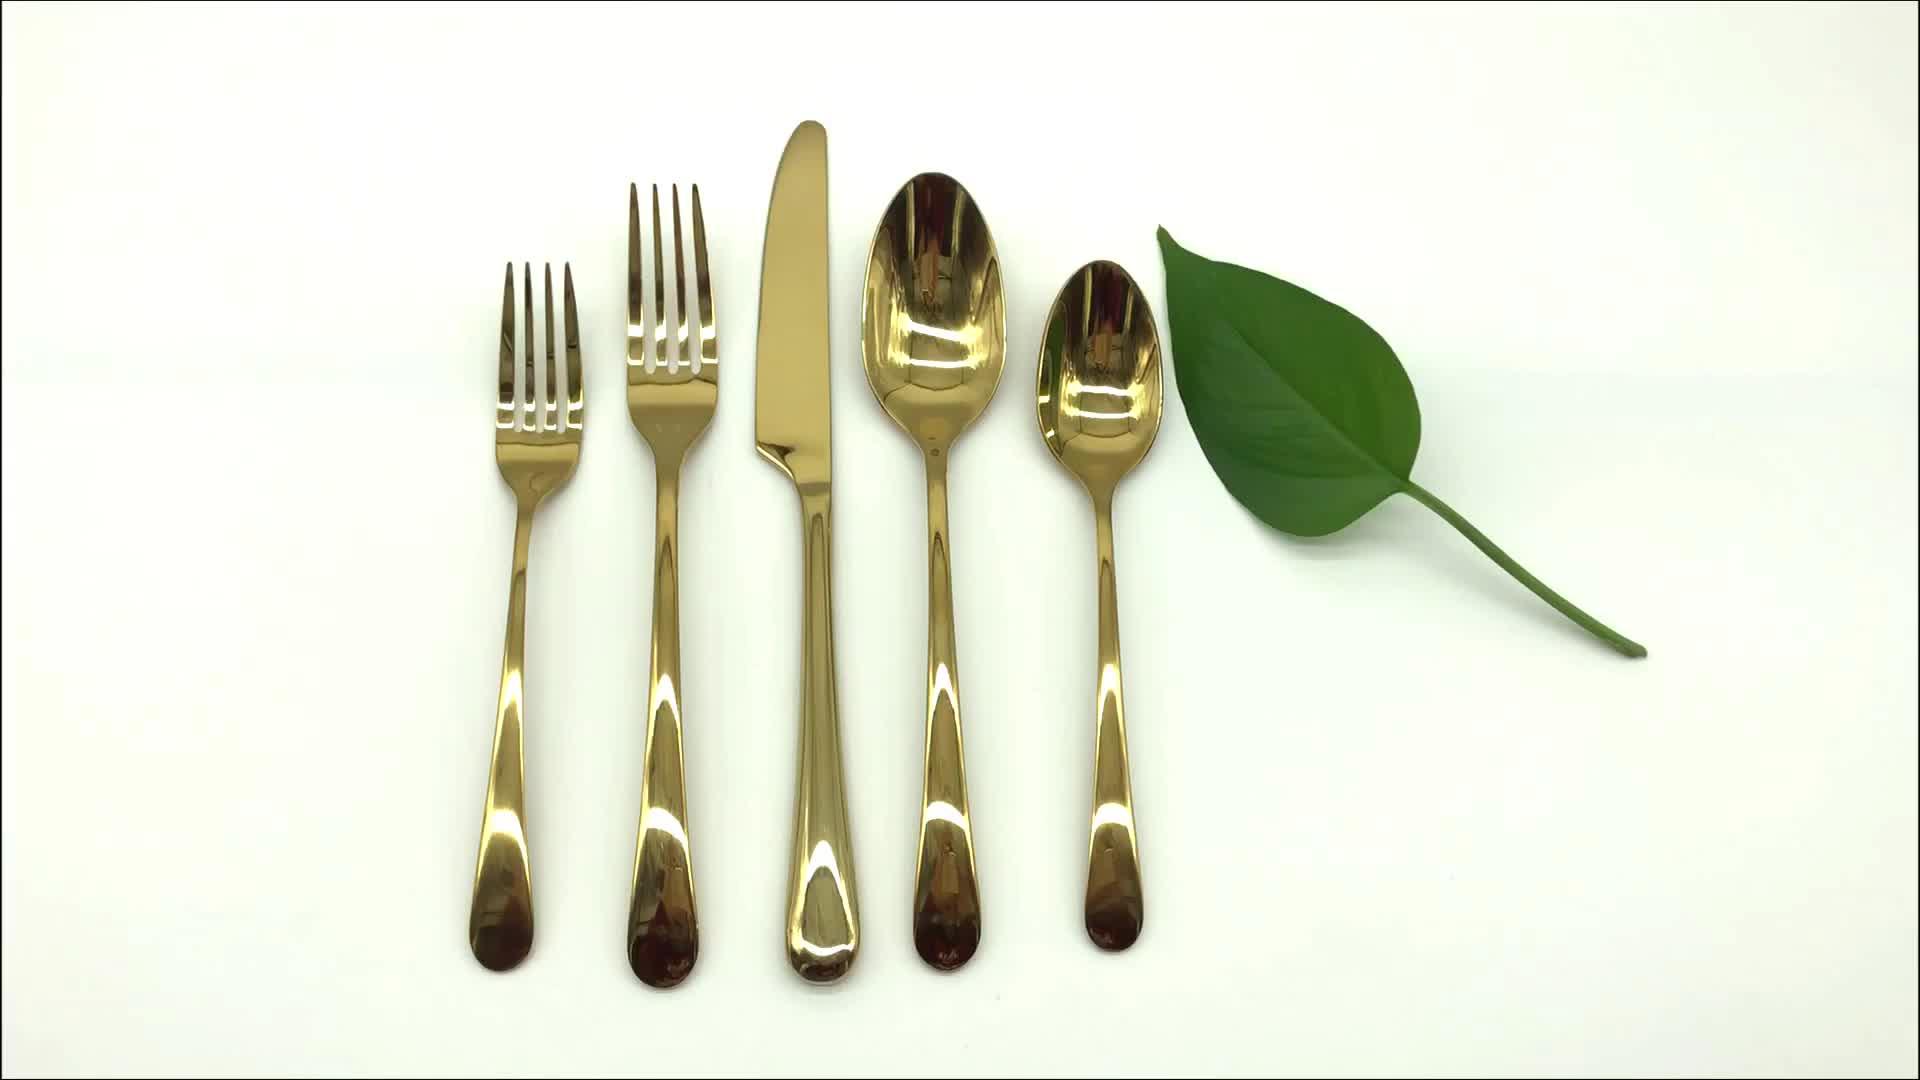 दुबई चाकू और कांटा चम्मच सोने कटलरी सेट, टाइटेनियम PVD कोटिंग लक्जरी सोने Flatware